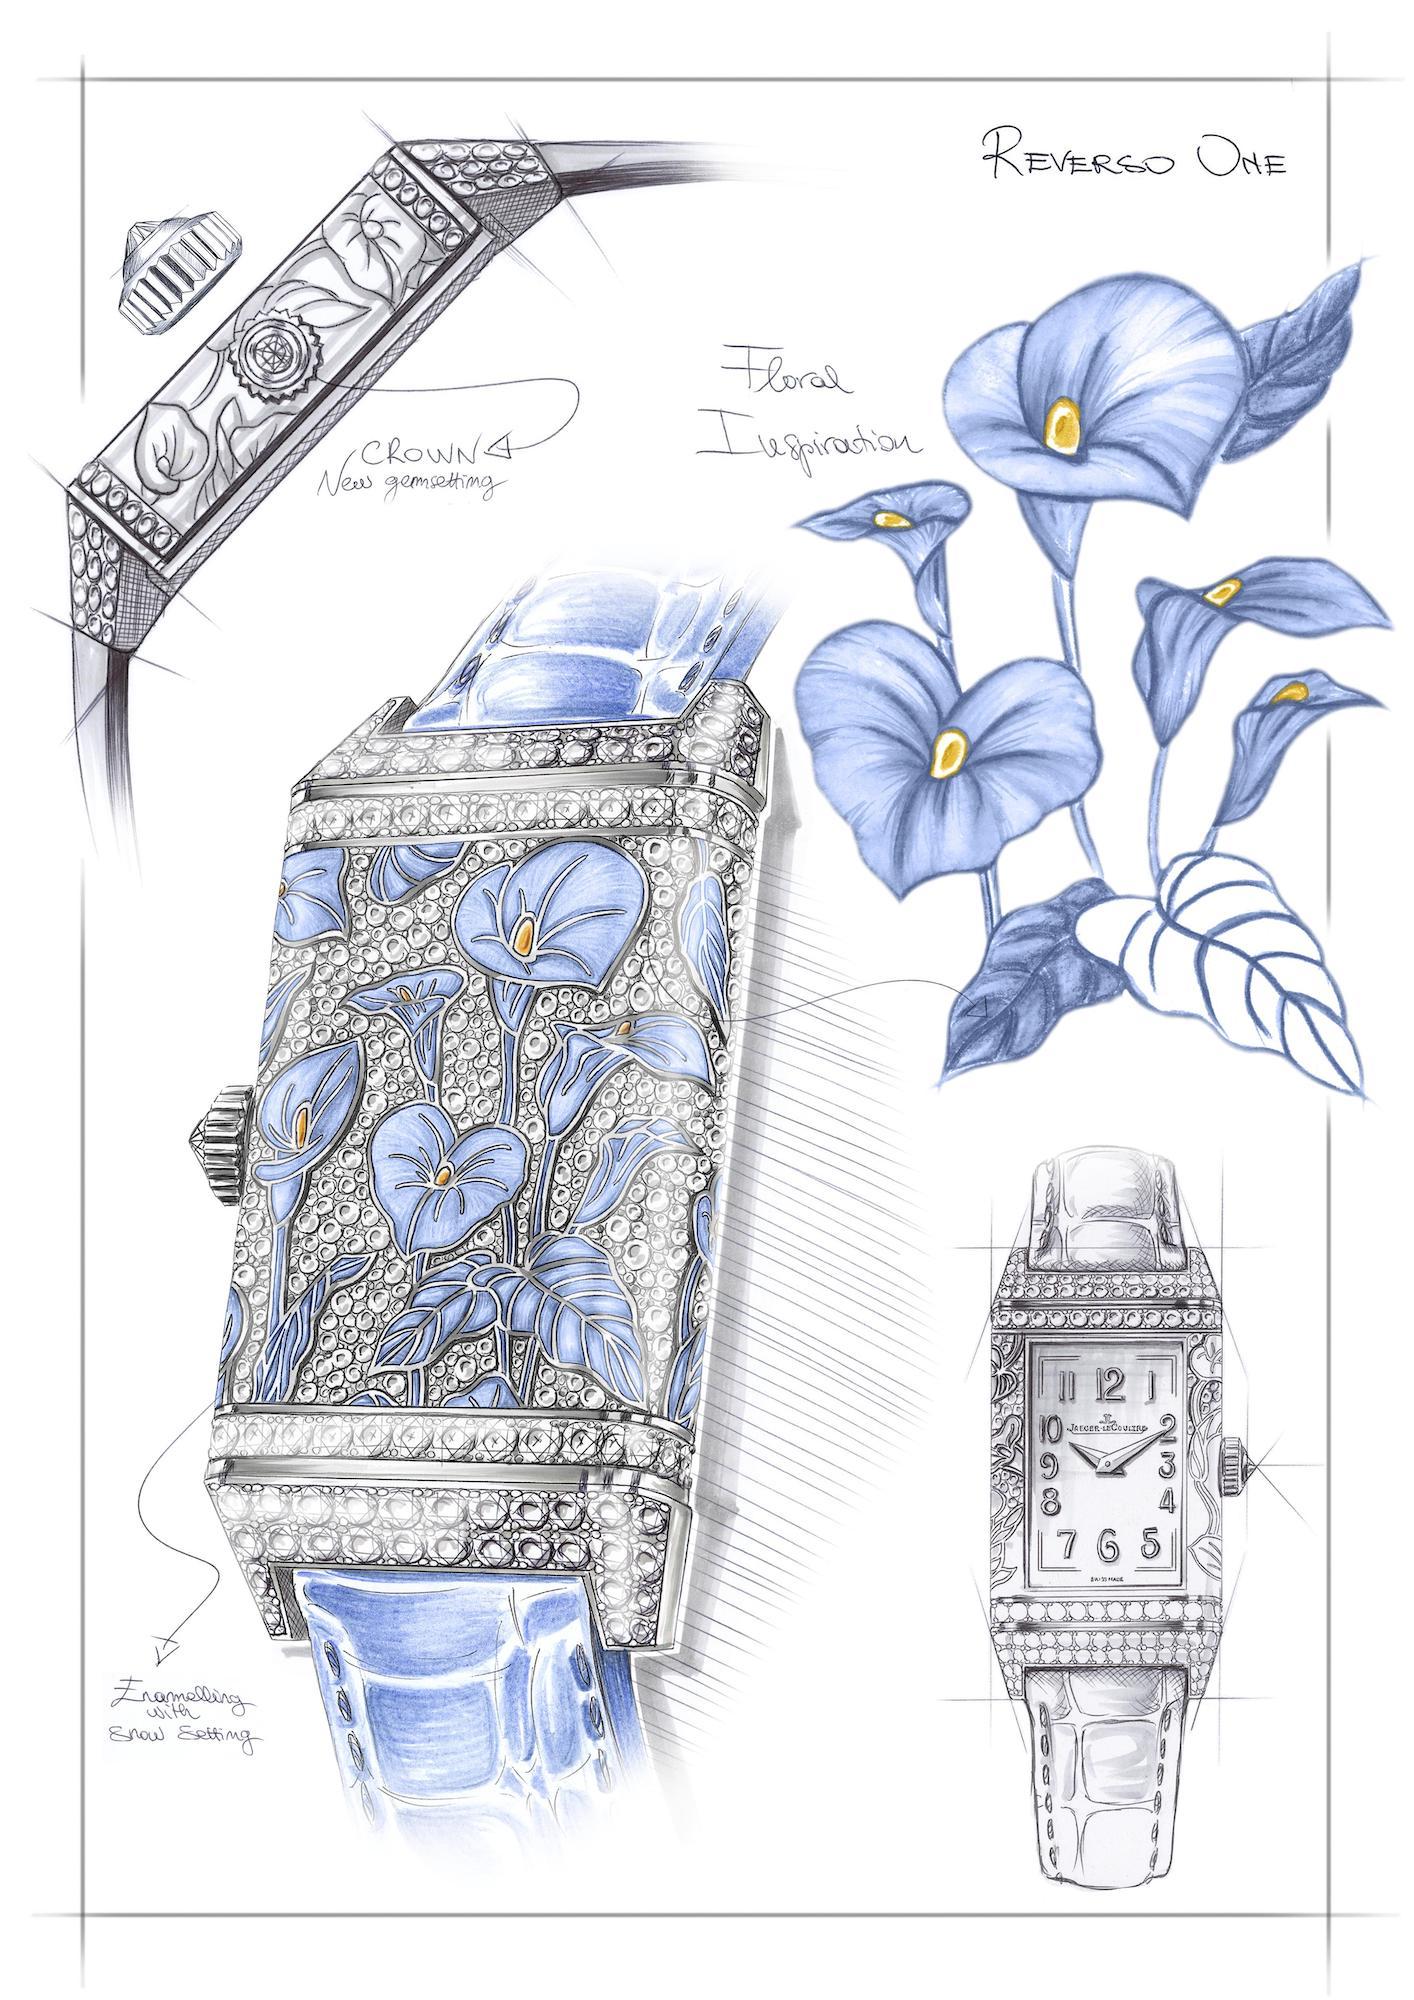 Jaeger-LeCoultre Reverso One Precious Flowers q3293401 Sketch